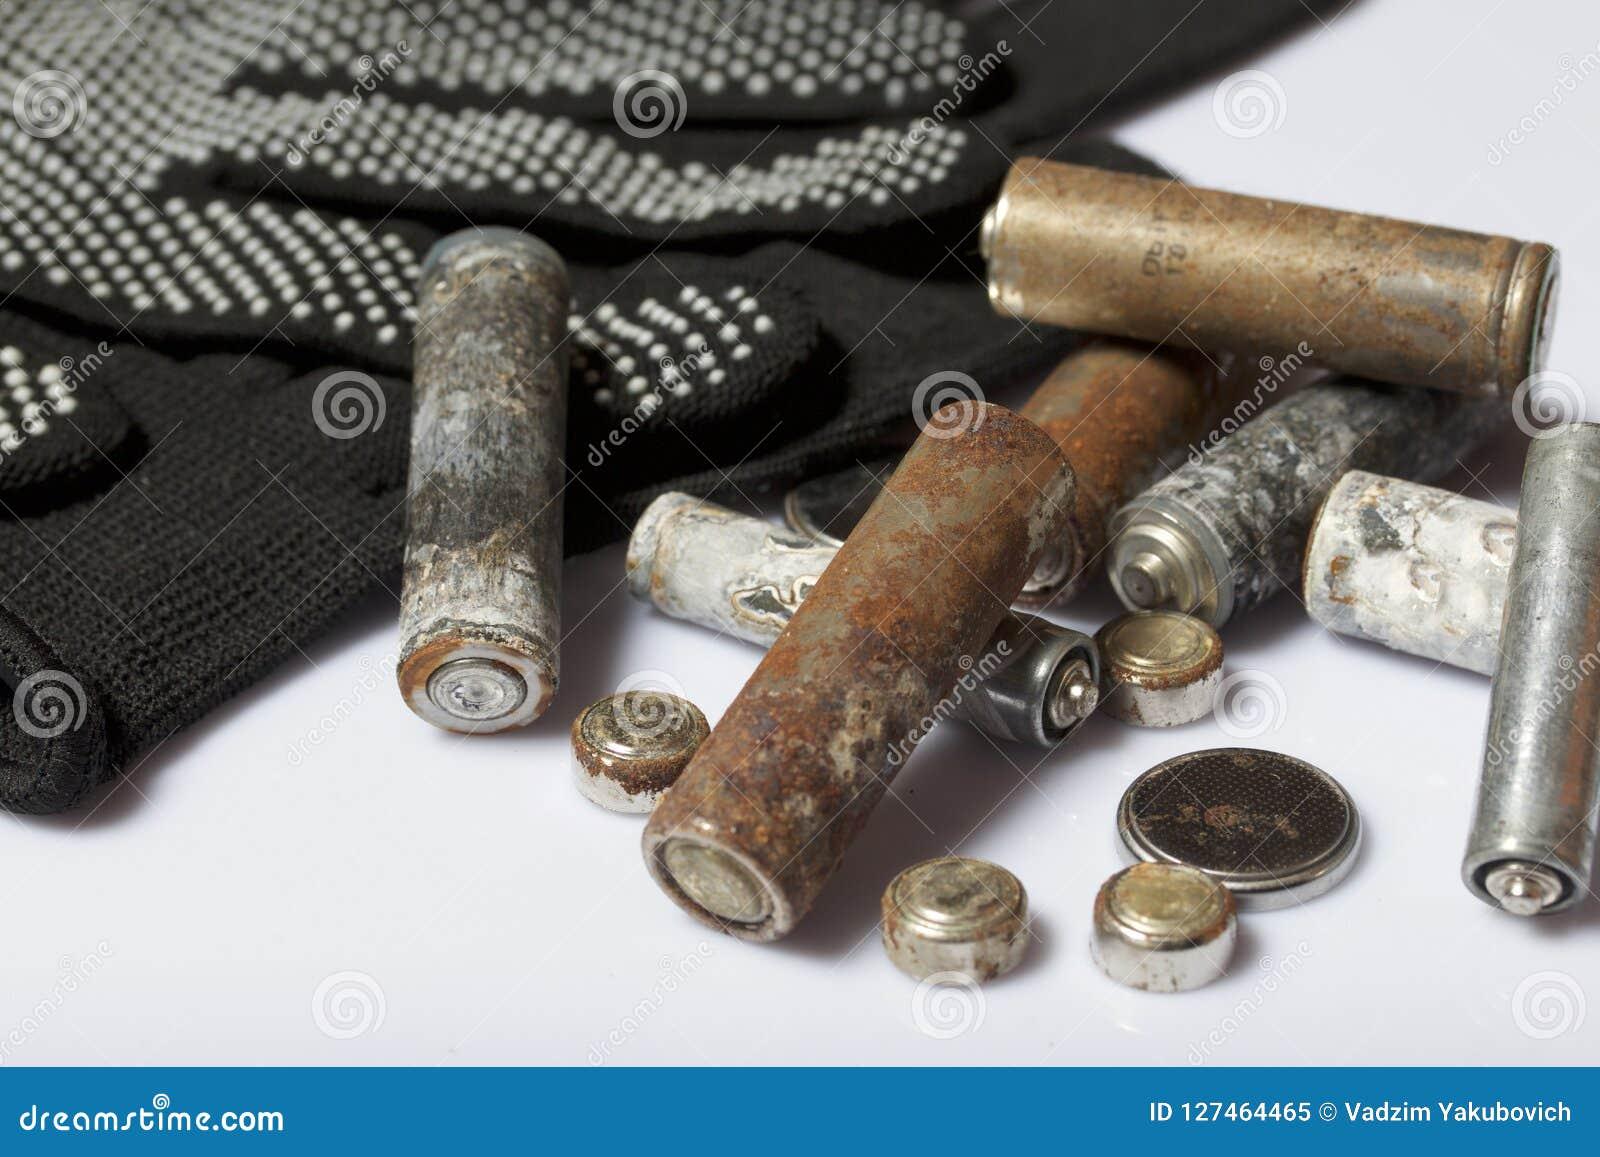 Baterias usadas da dedo-ferida cobertas com a corrosão Encontram-se em uma caixa de madeira Luvas de trabalho seguintes recycling